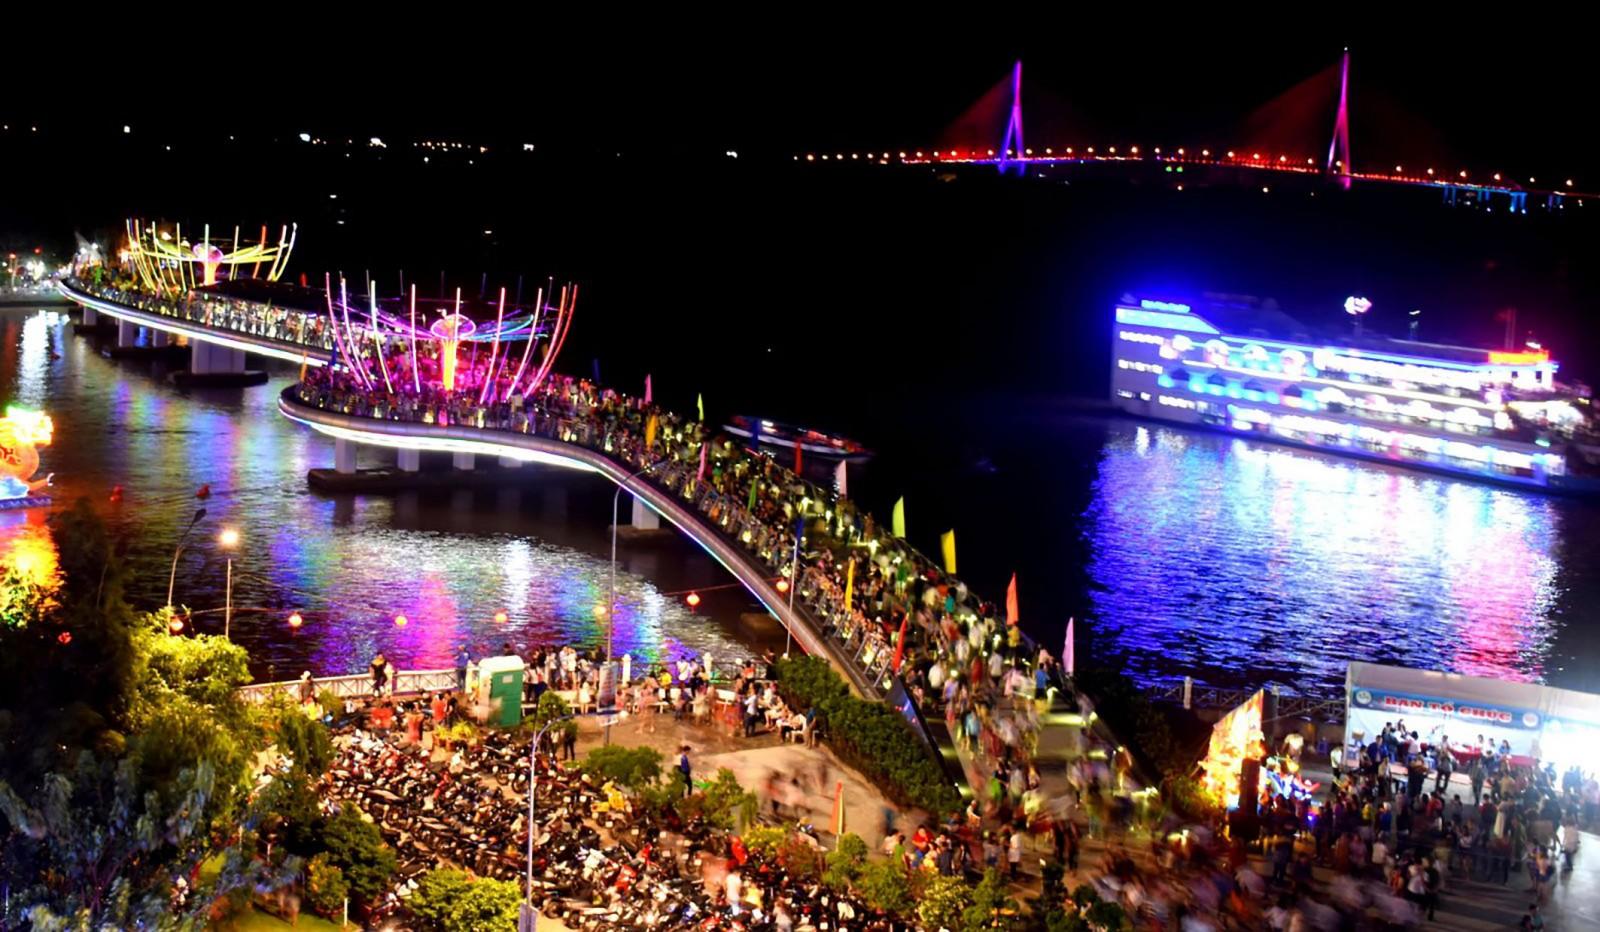 Đông đảo người dân đến tham quan cầu đi bộ ở Bến Ninh Kiều. Ảnh: X.ĐÀO